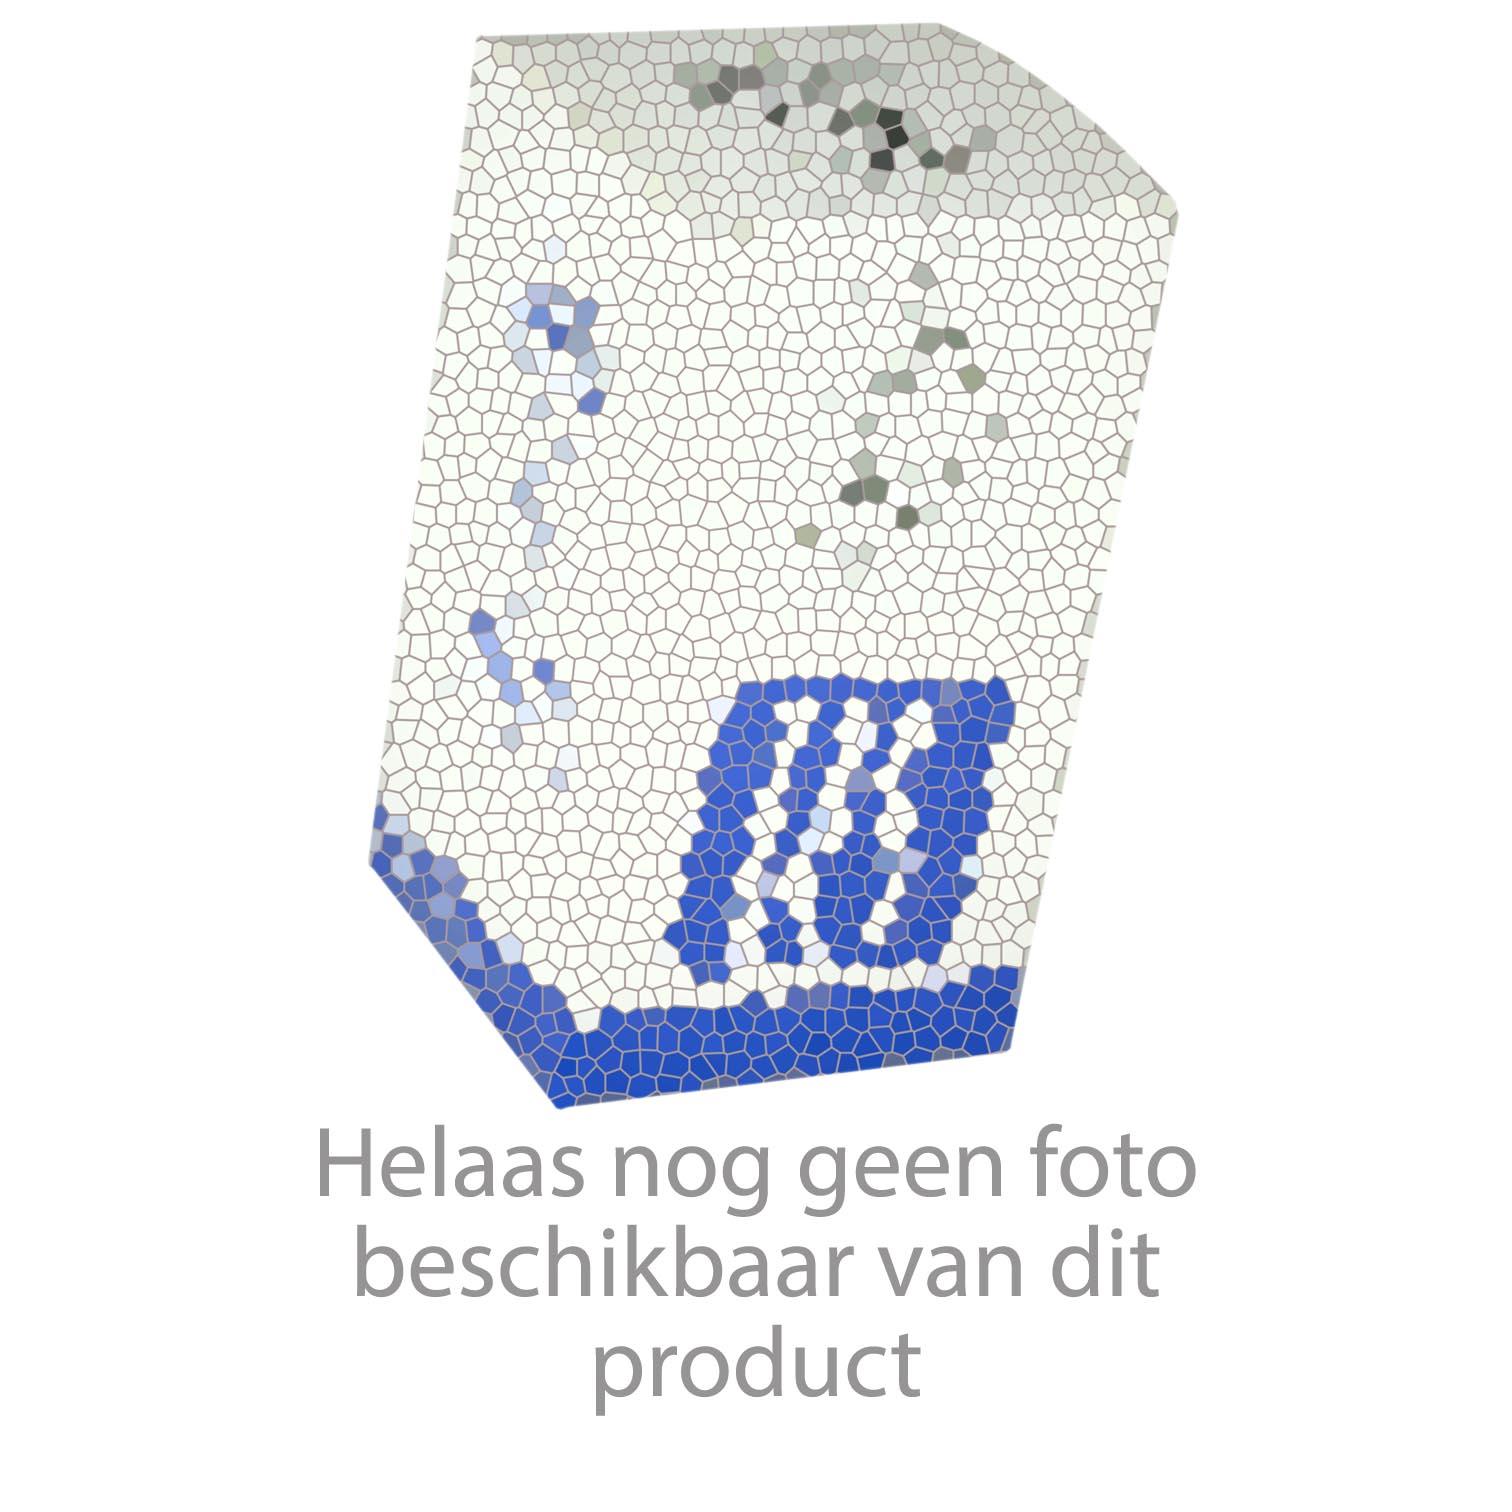 Echtermann TOPCLEAN 1-gats bladmodel 1-hendel mengkr. tussenkr./standzuil Artikel nummer 6544.11